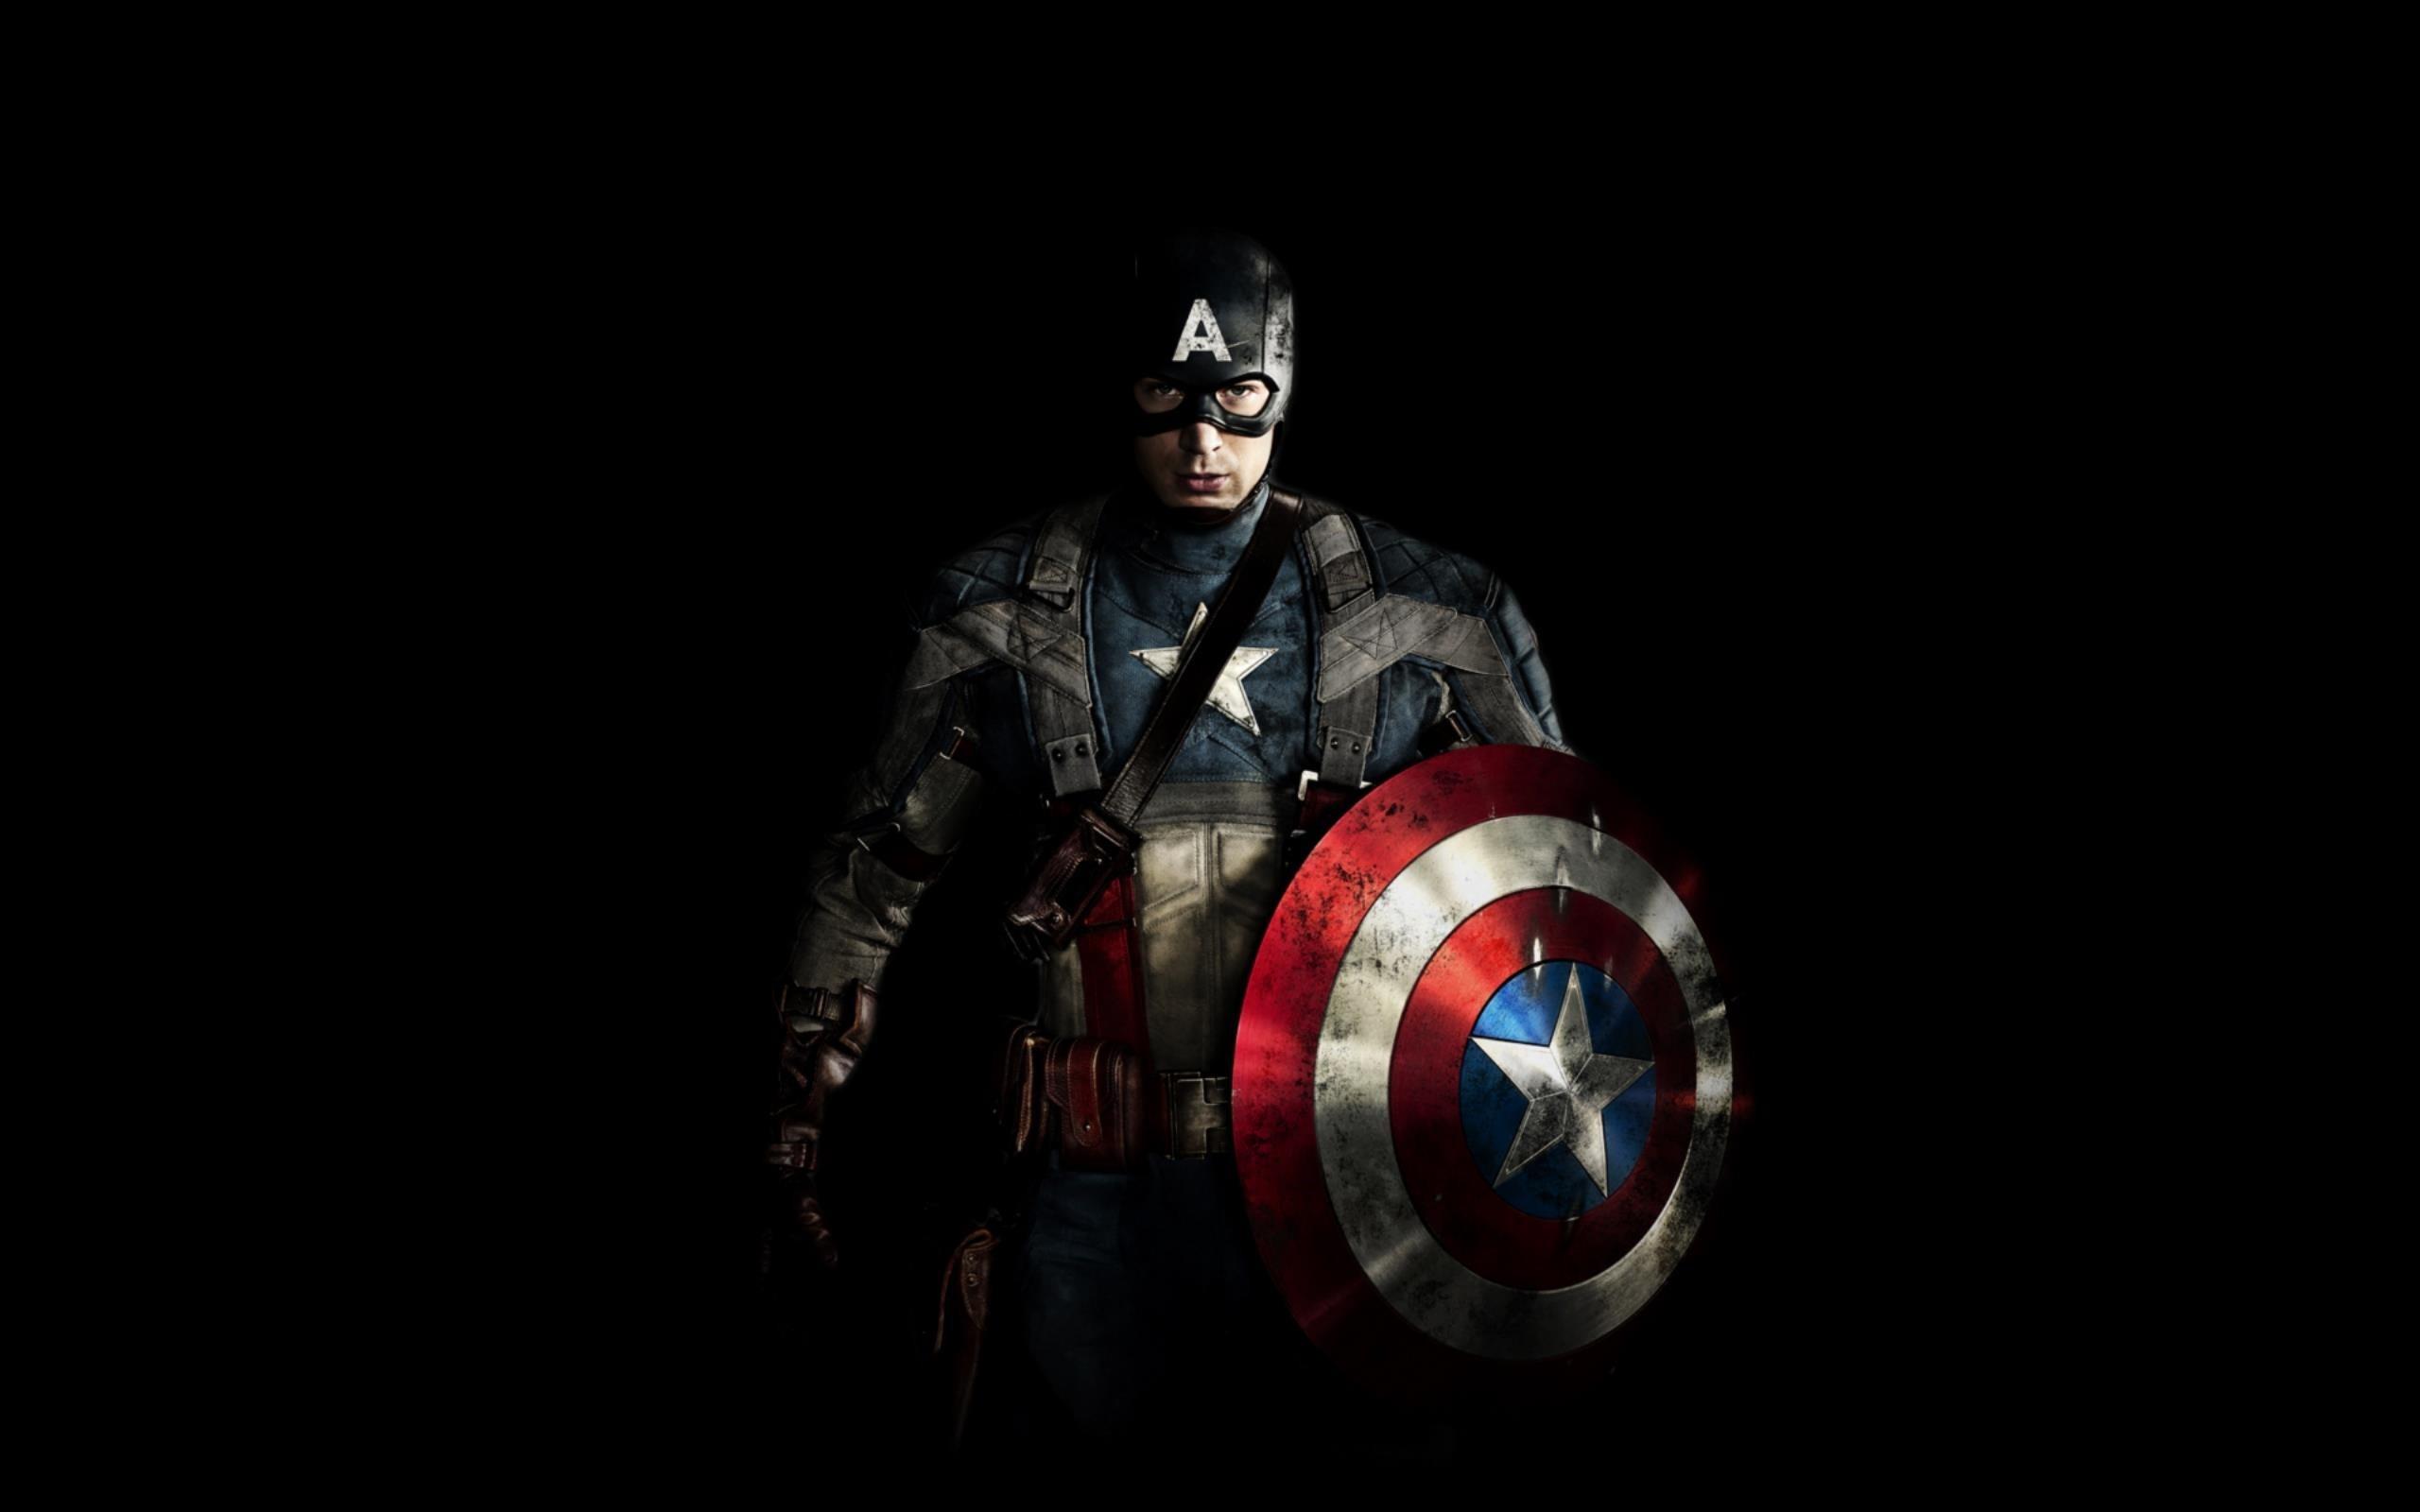 Captain america tws live wallpaper full version